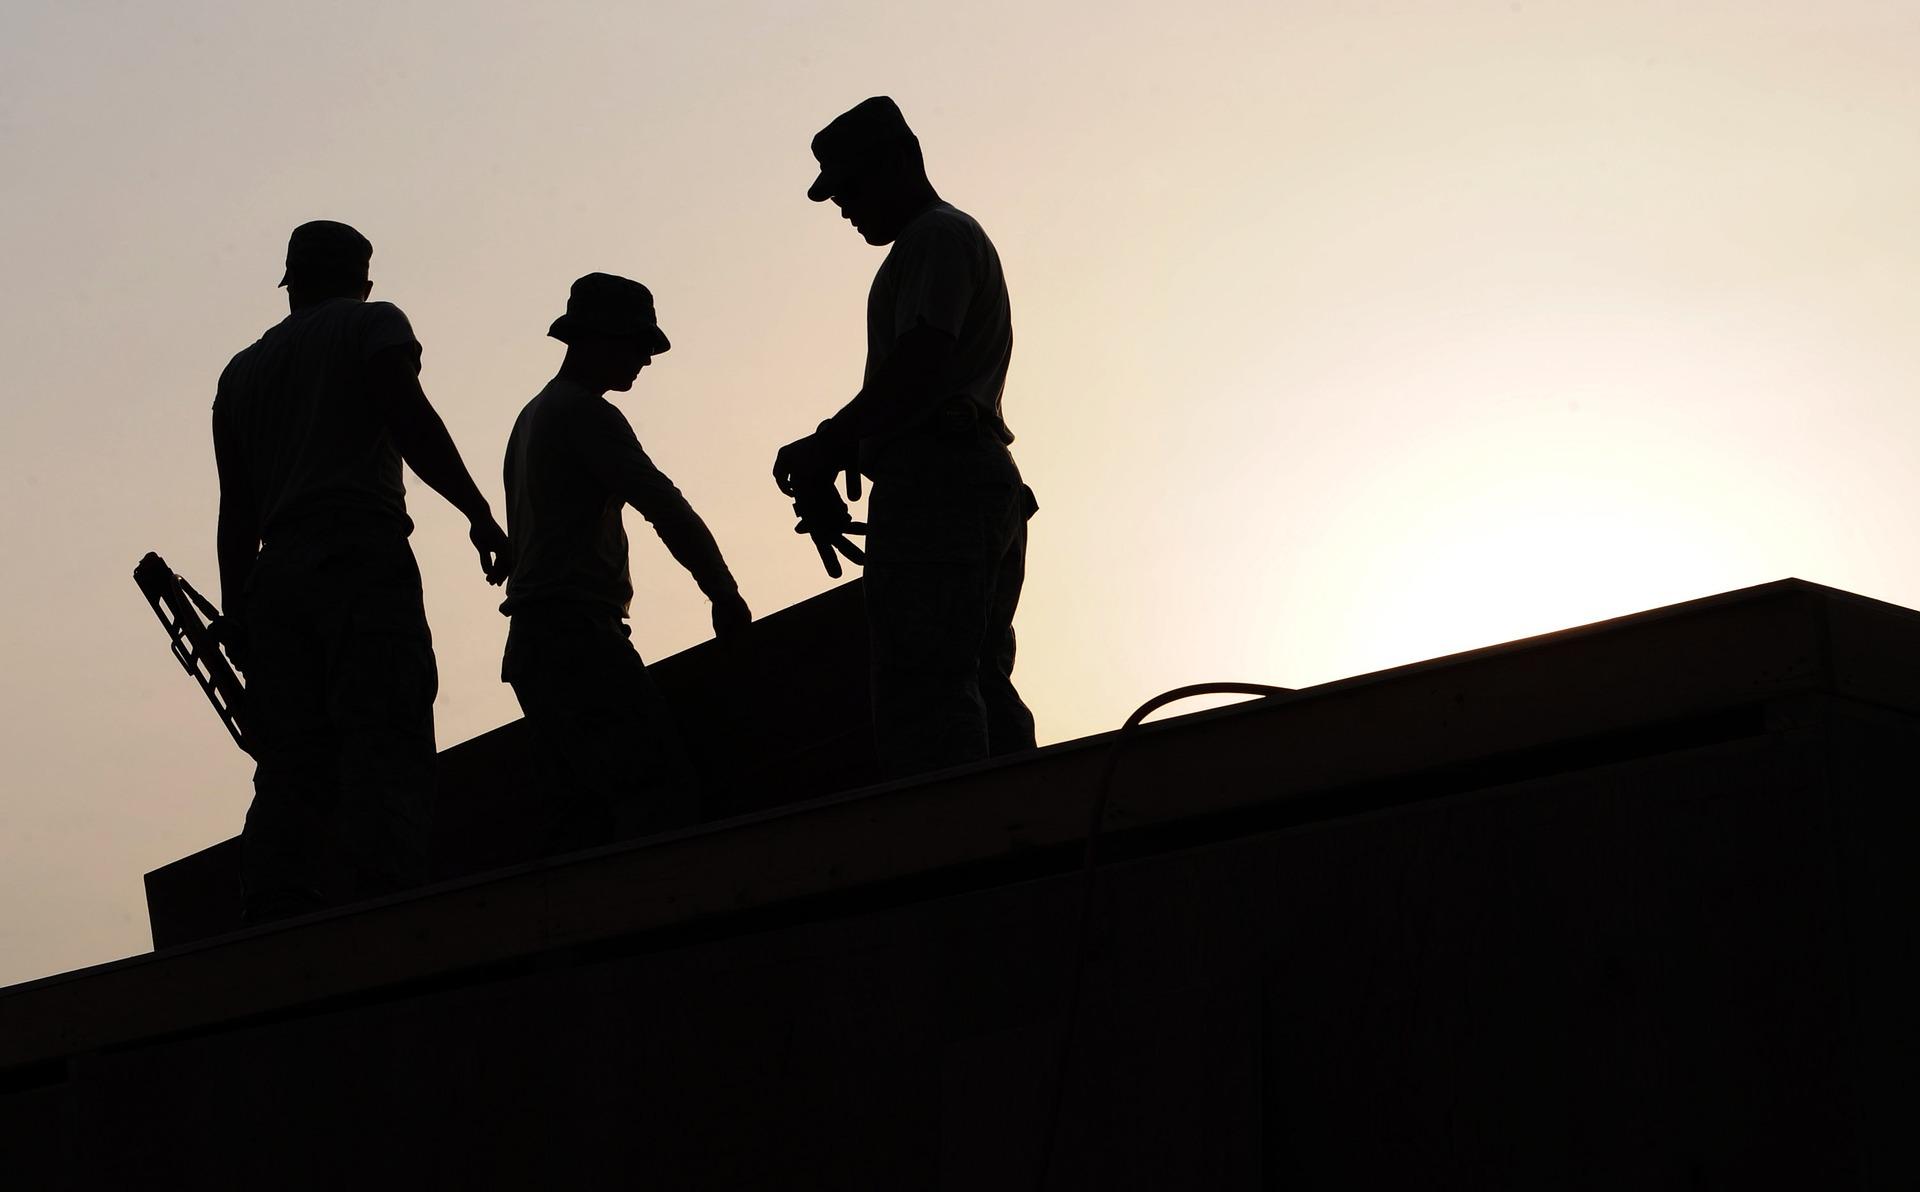 Pedidos de seguro-desemprego registram alta de 22,1% em abril